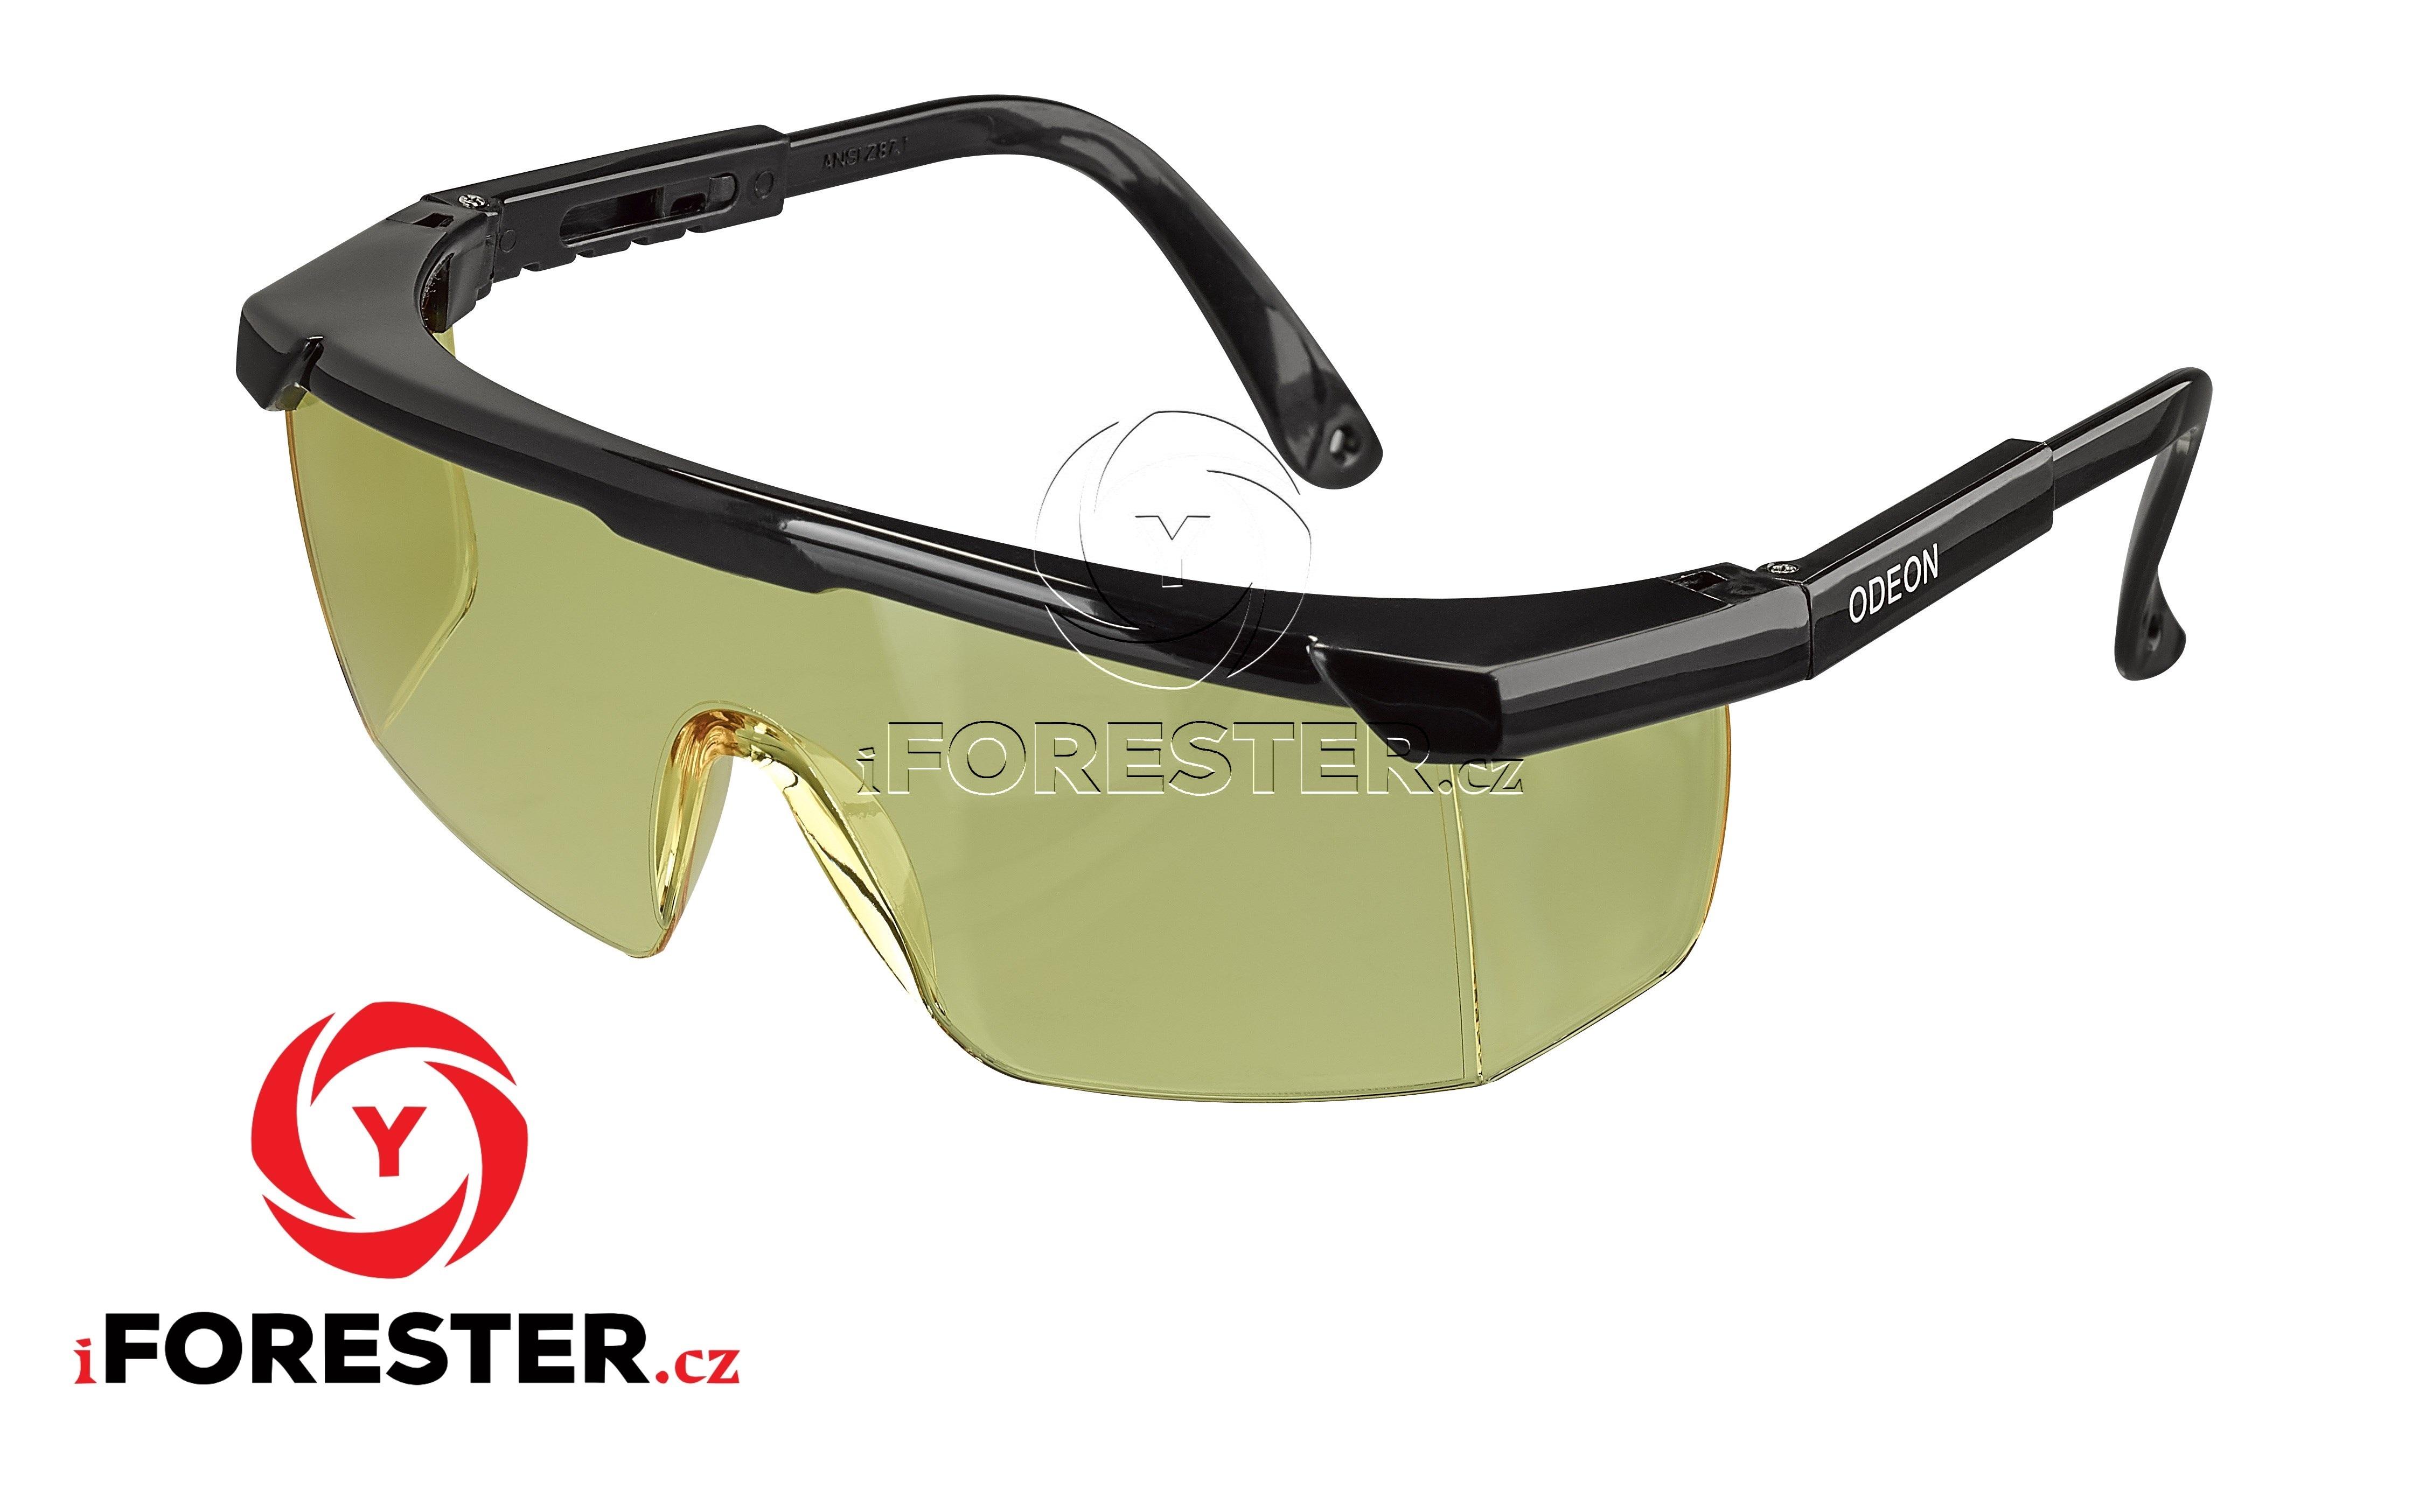 e1a4ebc08 Ochranné střelecké balistické brýle – Žluté, Čiré (modré obroučky, černé  obroučky) Barva